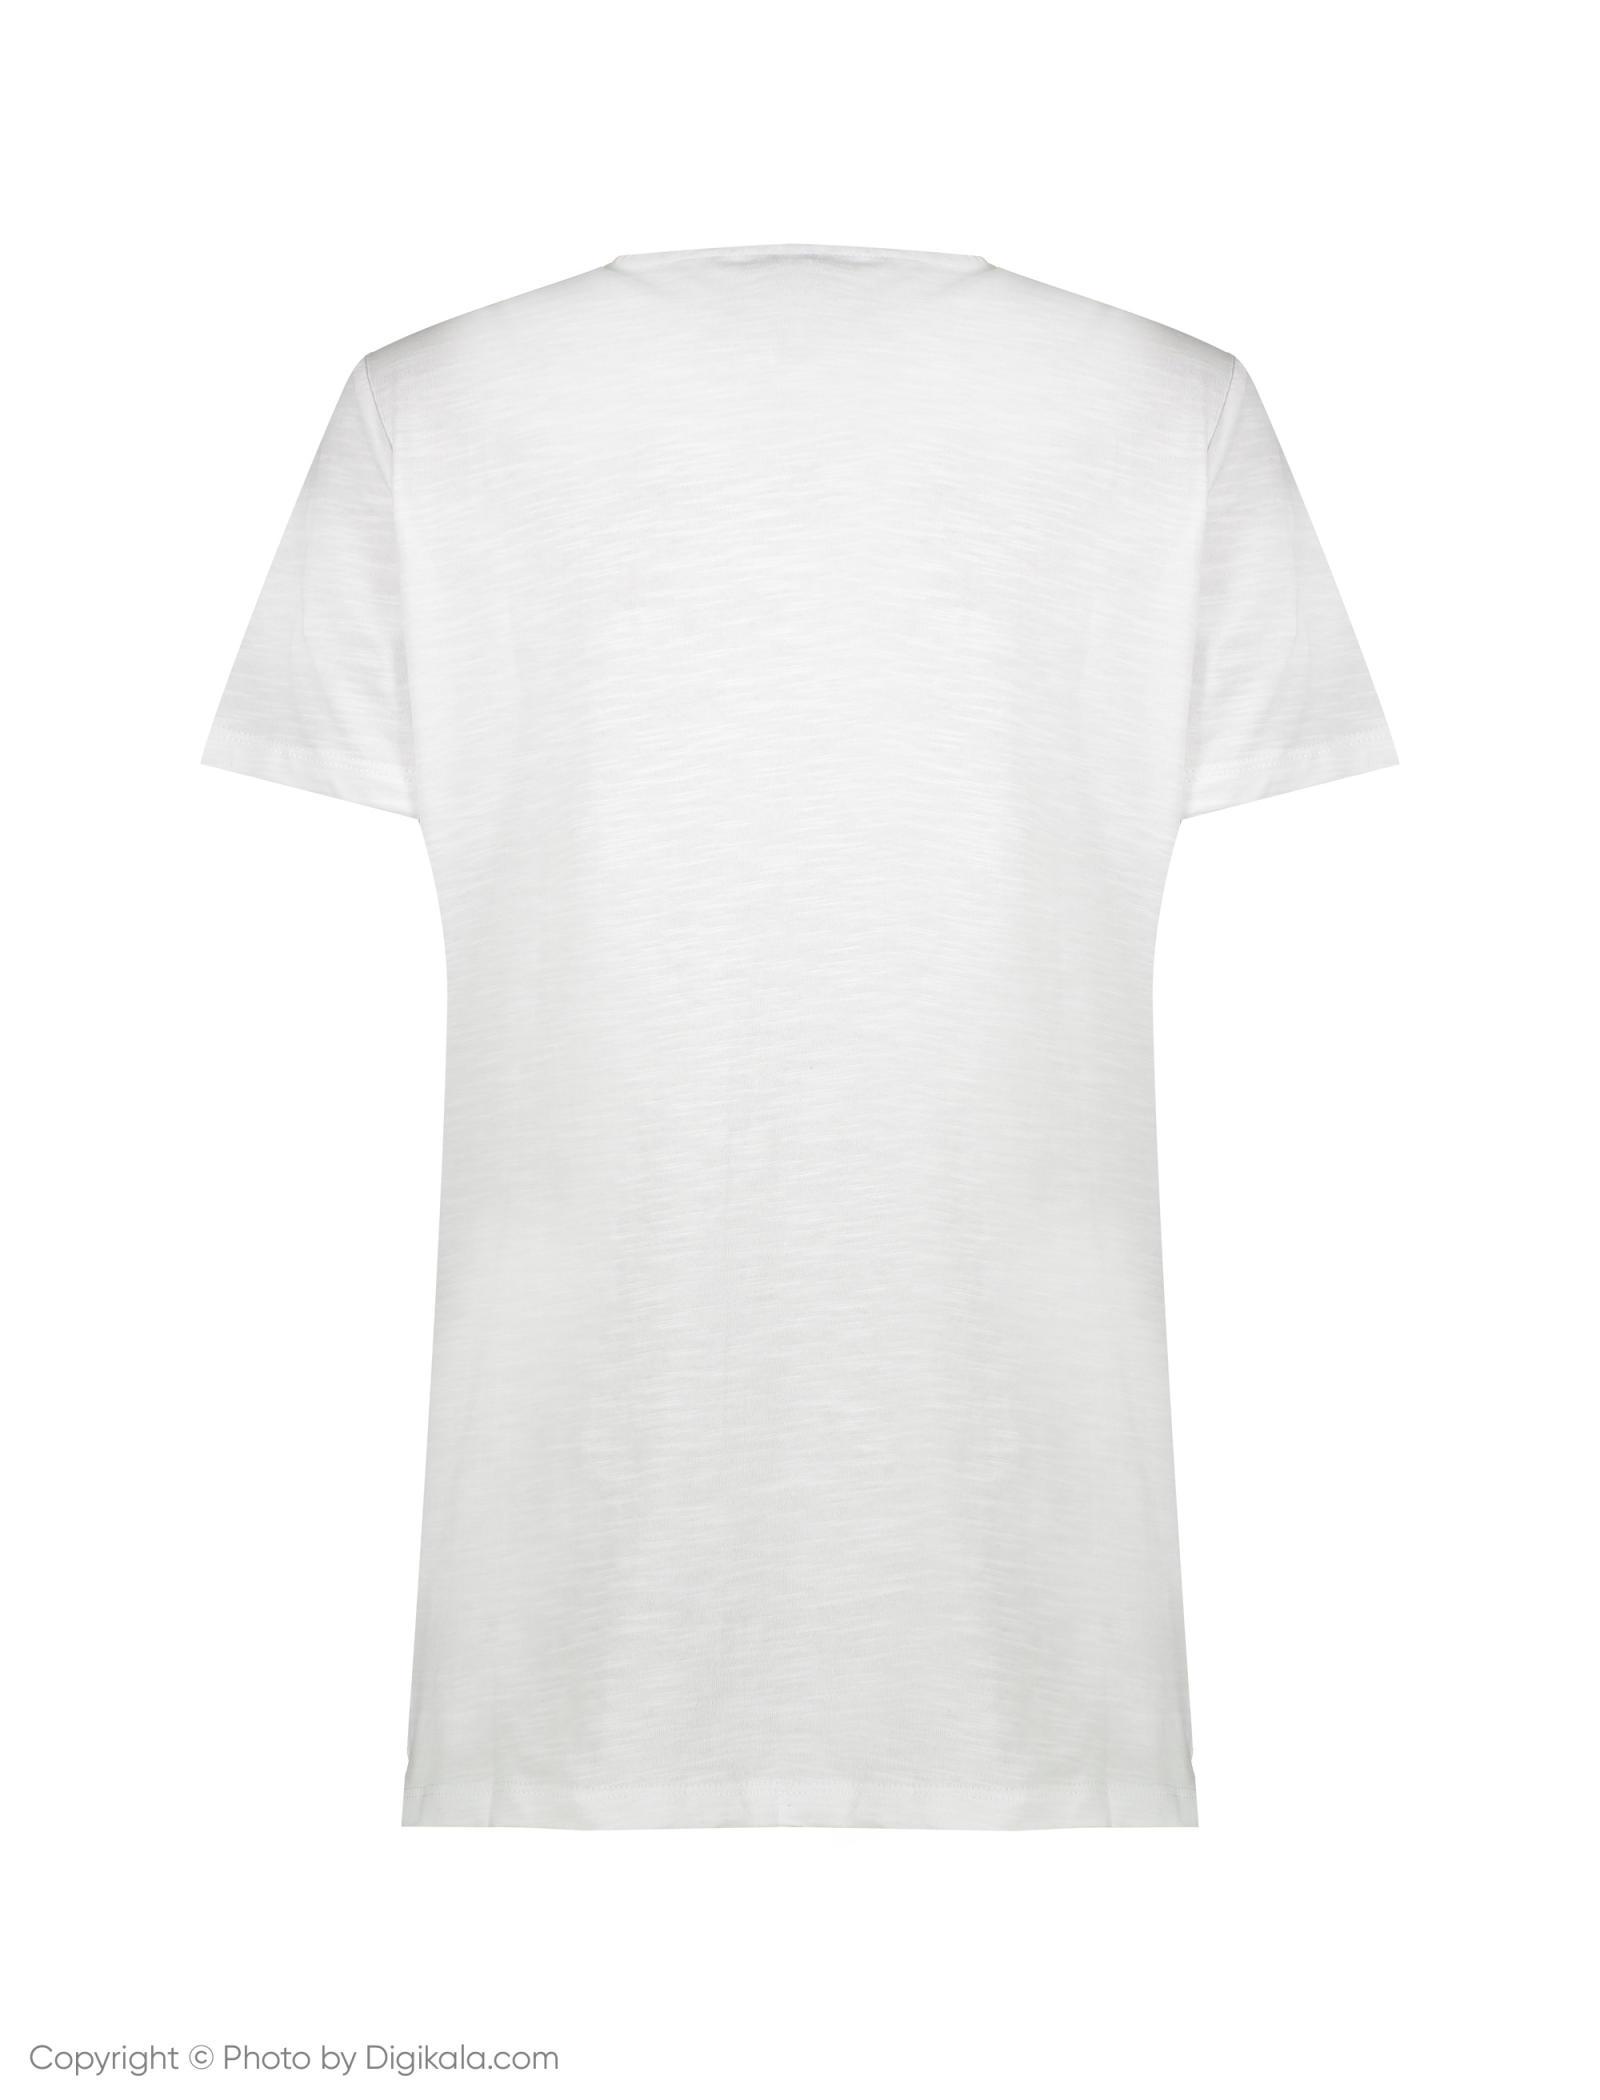 تی شرت زنانه یوپیم مدل 5132395 -  - 3